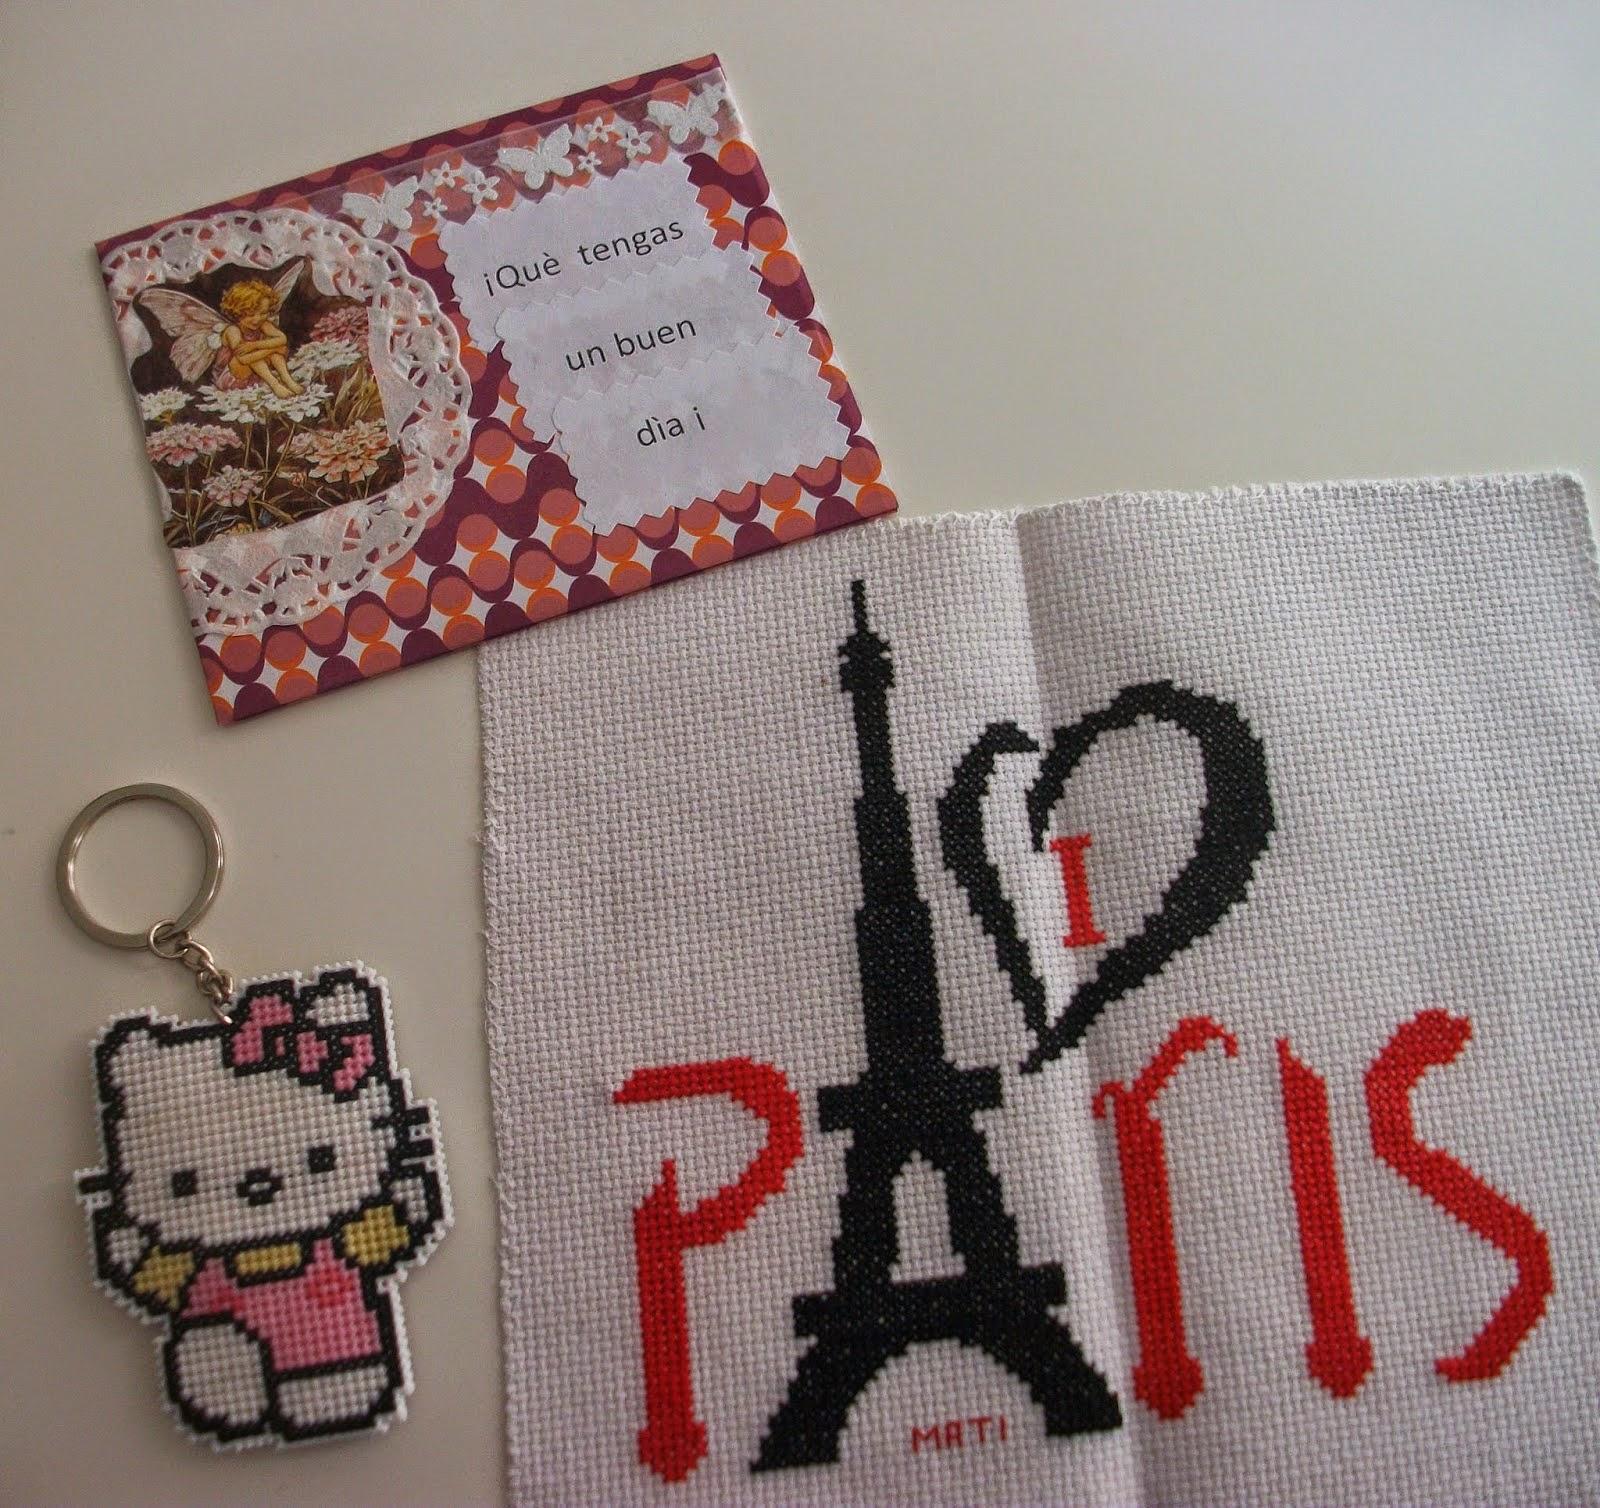 Mis cosas regalos de cumplea os para mi amiga isa rejon - Regalos de cumpleanos originales para mi mejor amiga ...